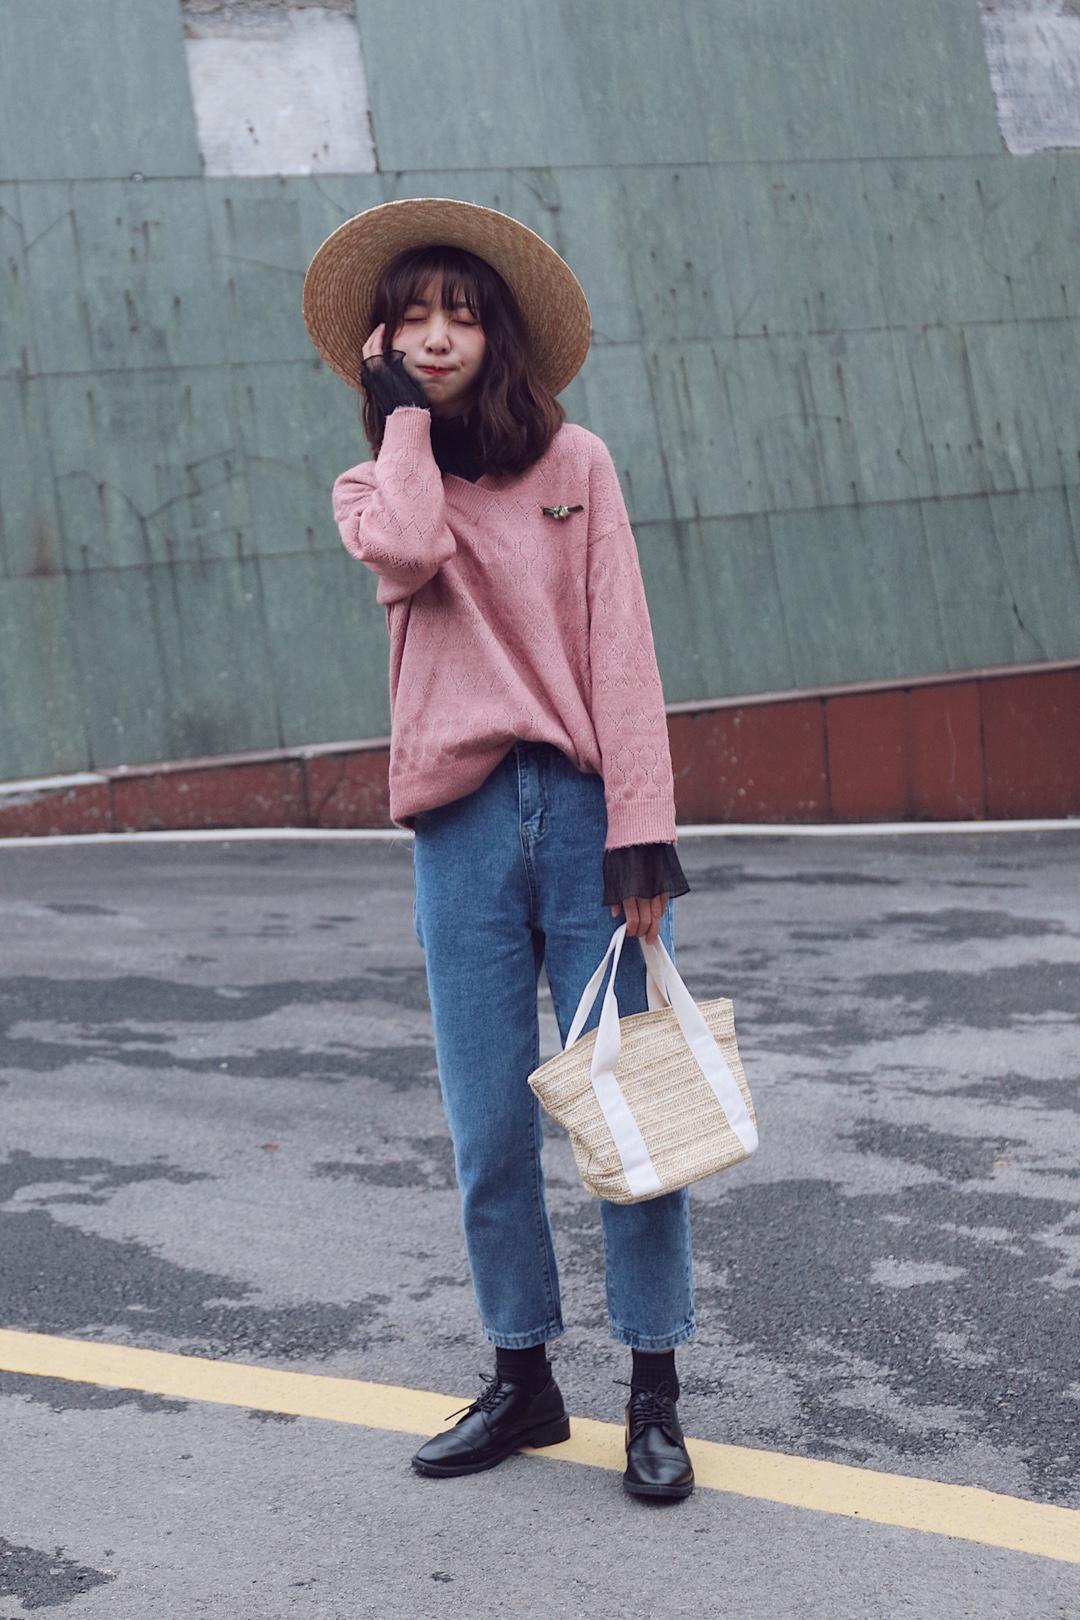 #尚新季,这波春装我可以!#乖巧淑女的粉色毛衣撩男神够够的  Hello大家好,这里是大鱼穿搭测评第753起,这一生和大家分享的是毛衣穿搭。  ❤️身高体重163|43,给大家做个参考。  👔:内搭是一件黑色网纱打底很透不建议单穿,但是搭配毛衣效果还是不错的。 外搭的粉色毛衣超级柔软,不算太薄,面料不会扎手,毛线不错,小V领又有一点淑女的味道。 👖:直筒版型的牛仔裤,厚度适中摸起来柔软舒服,不会褪色质量还是不错的,也是高腰款。 👜:草编手提包,价格不要太实惠,除了没有型,个人觉得作为搭配单品是一点问题都没有的。  ❤️喜欢记得给我点赞留言哦!!